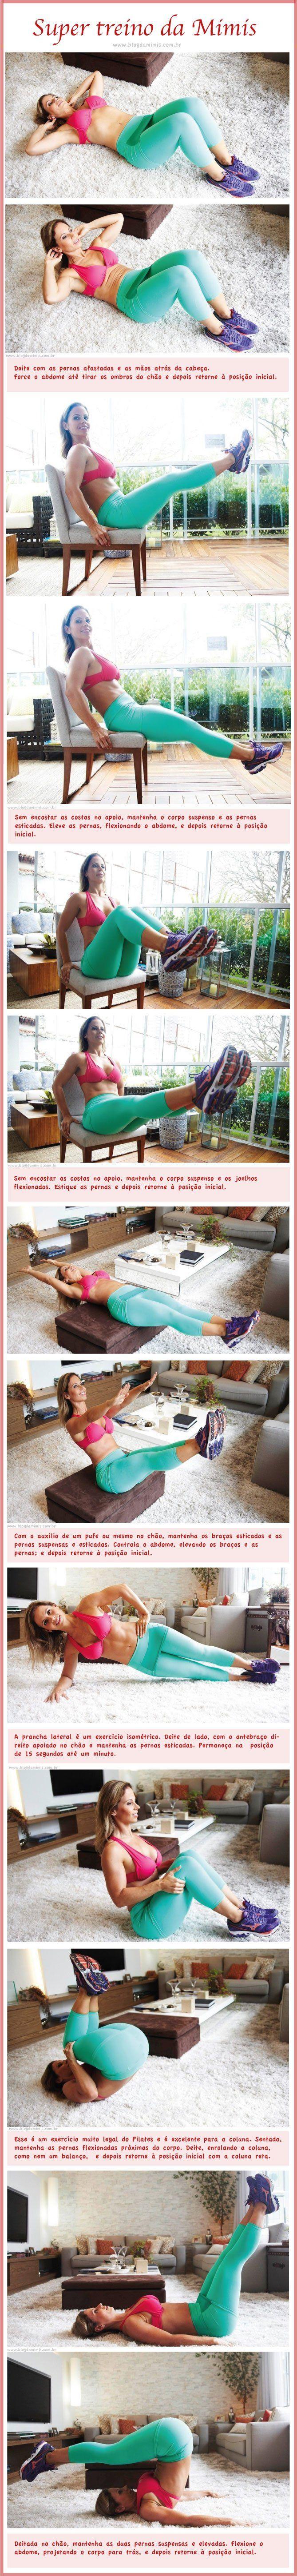 Super treino abdominal: faça em qualquer lugar